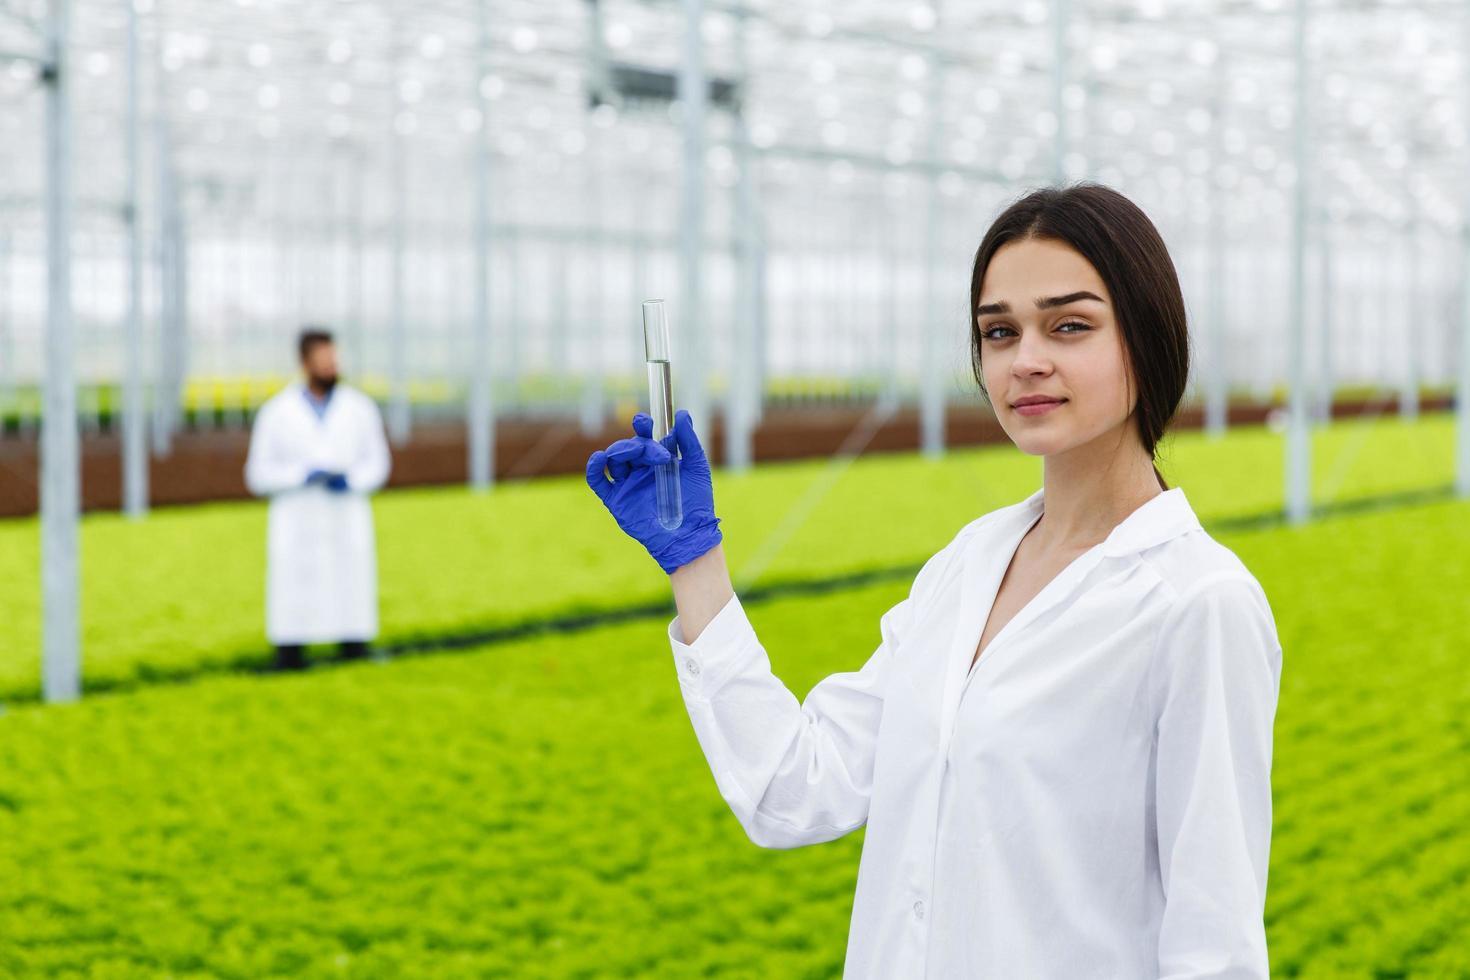 Forscherin hält eine Glasröhre mit einer Probe foto